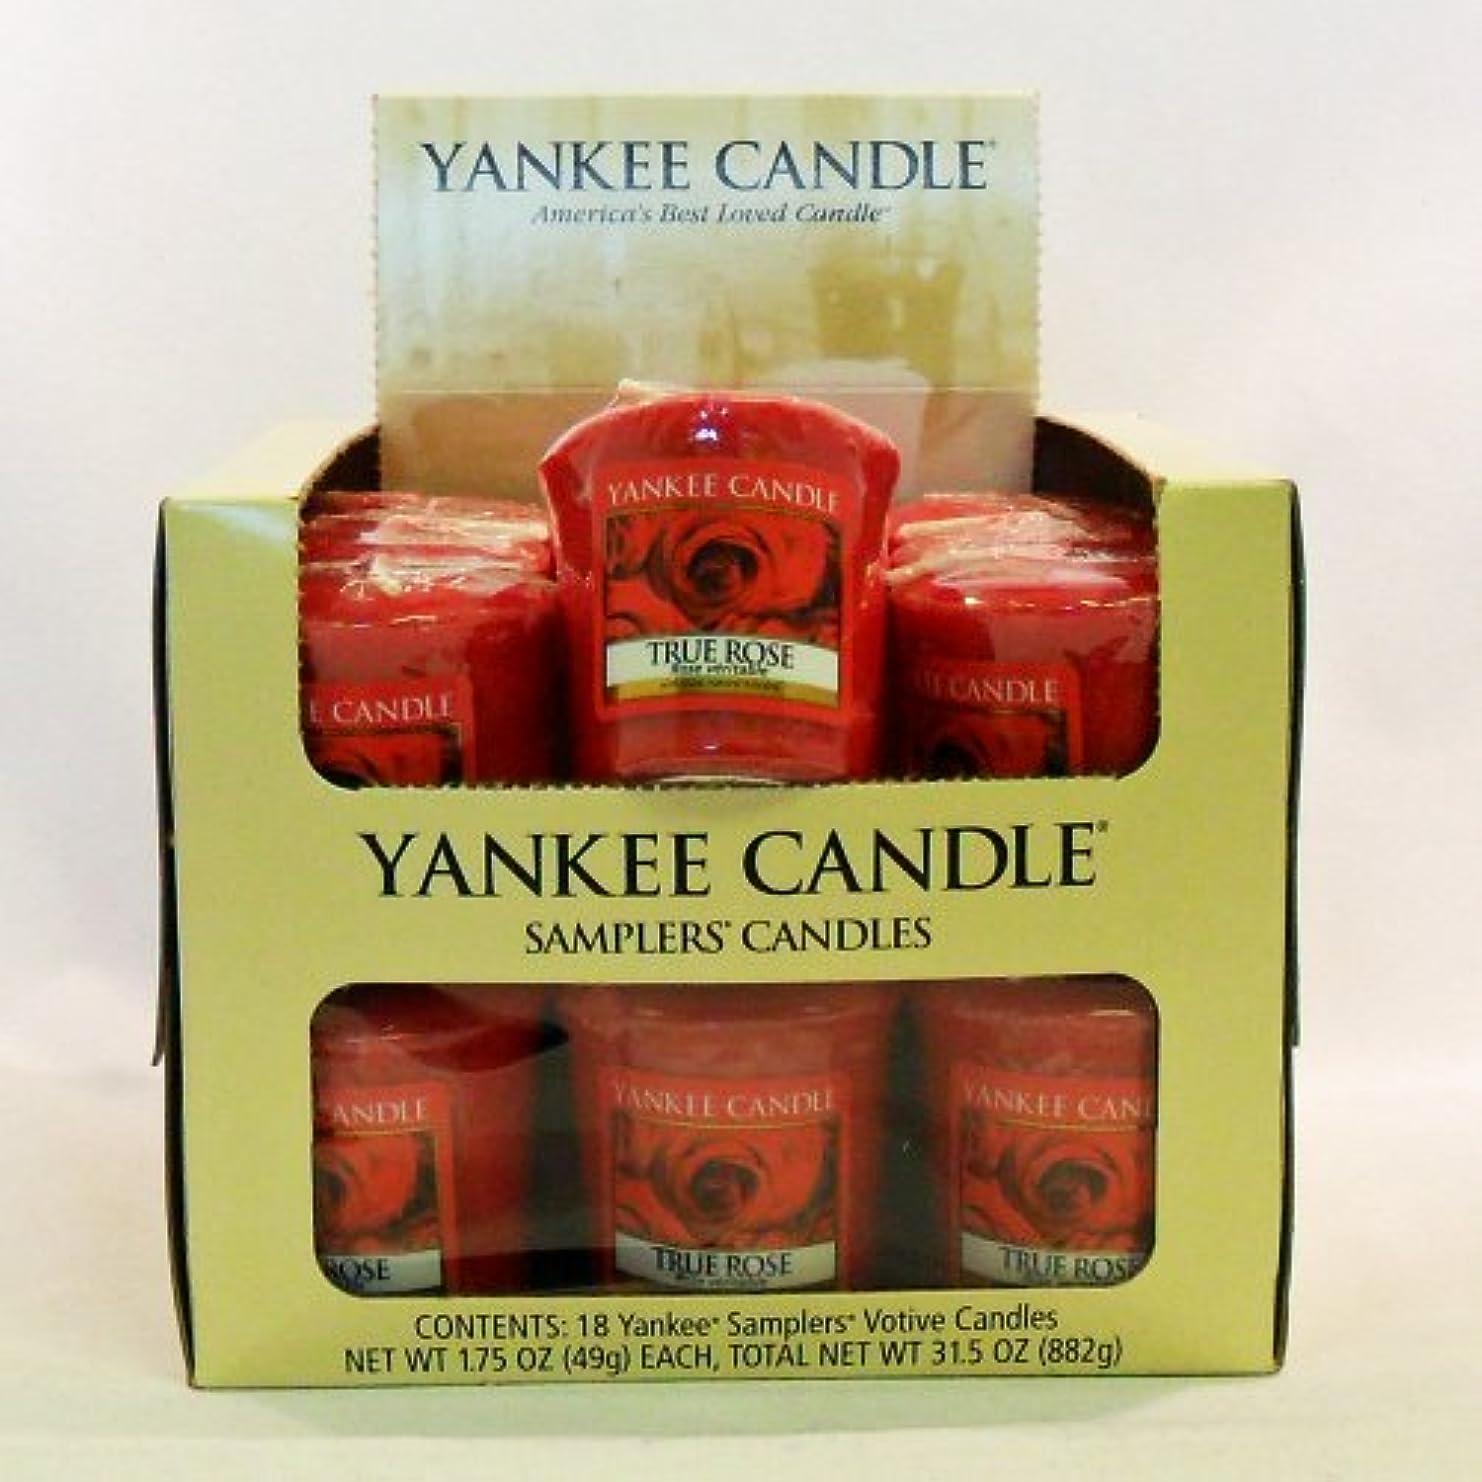 実行ミニチュア葉巻Yankee candle-18 X TrueローズVotiveサンプラーキャンドル – 新しい香りfor 2012 。